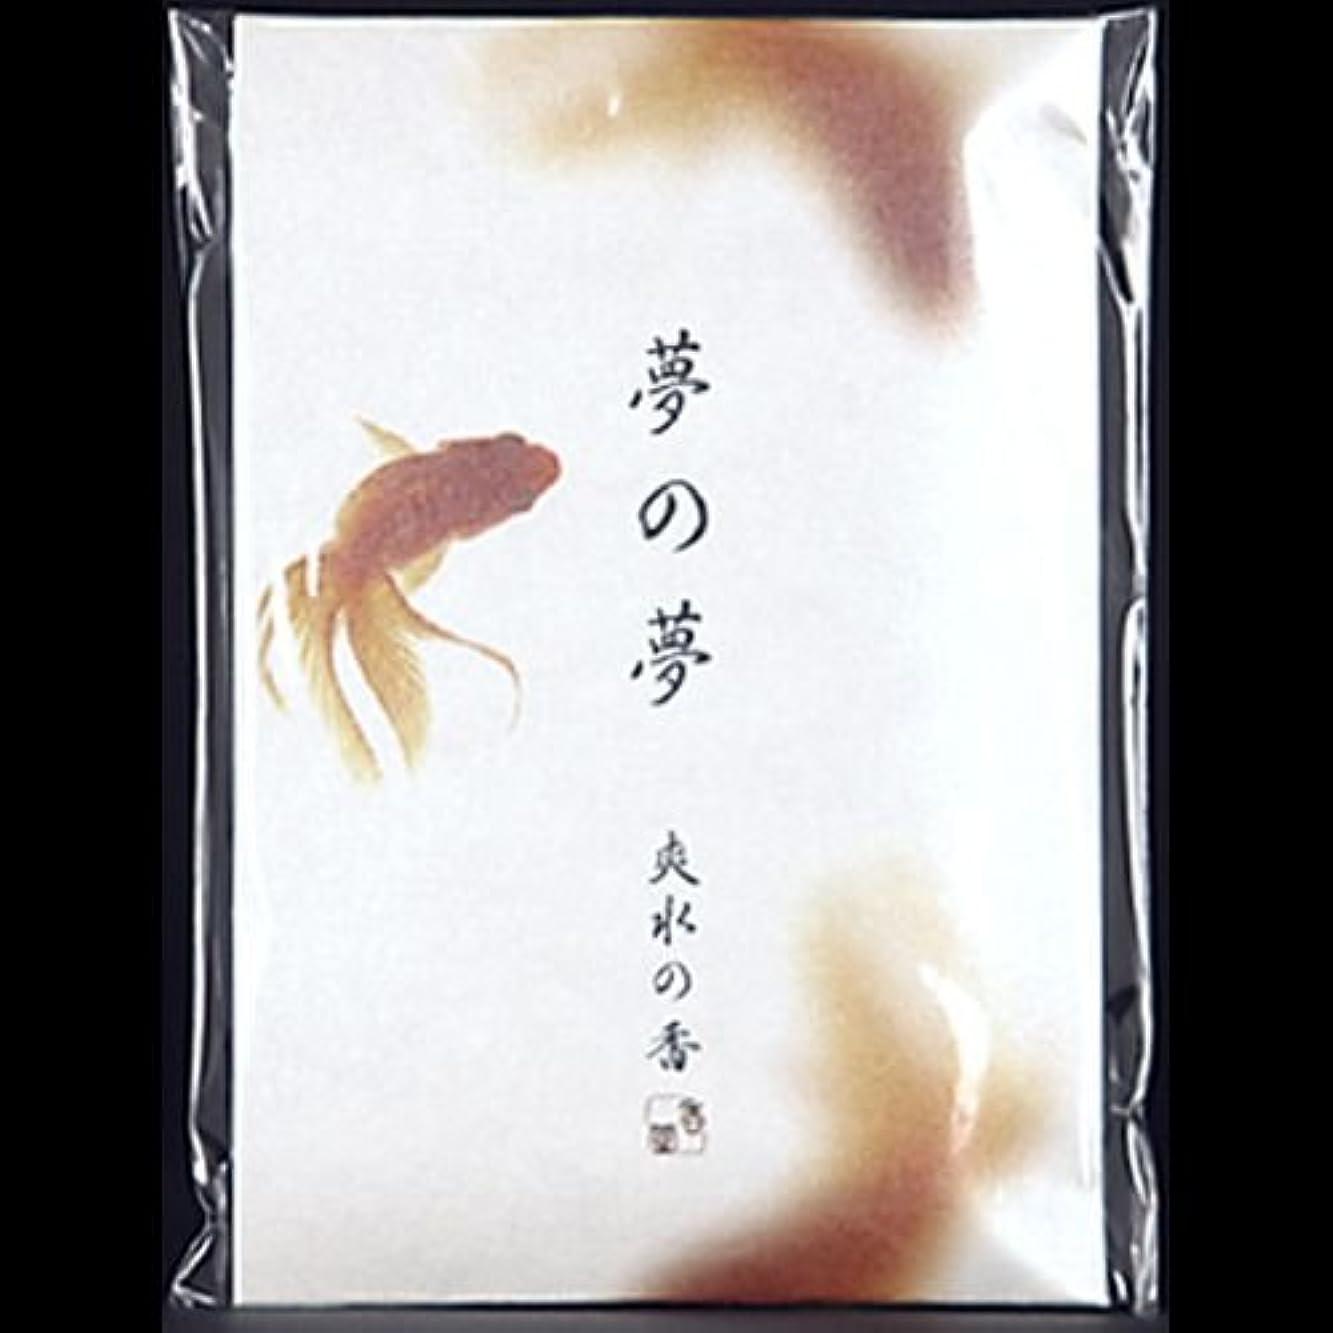 ドナー懸念アーサー【まとめ買い】夢の夢 爽水の香 (金魚) スティック12本入 ×2セット